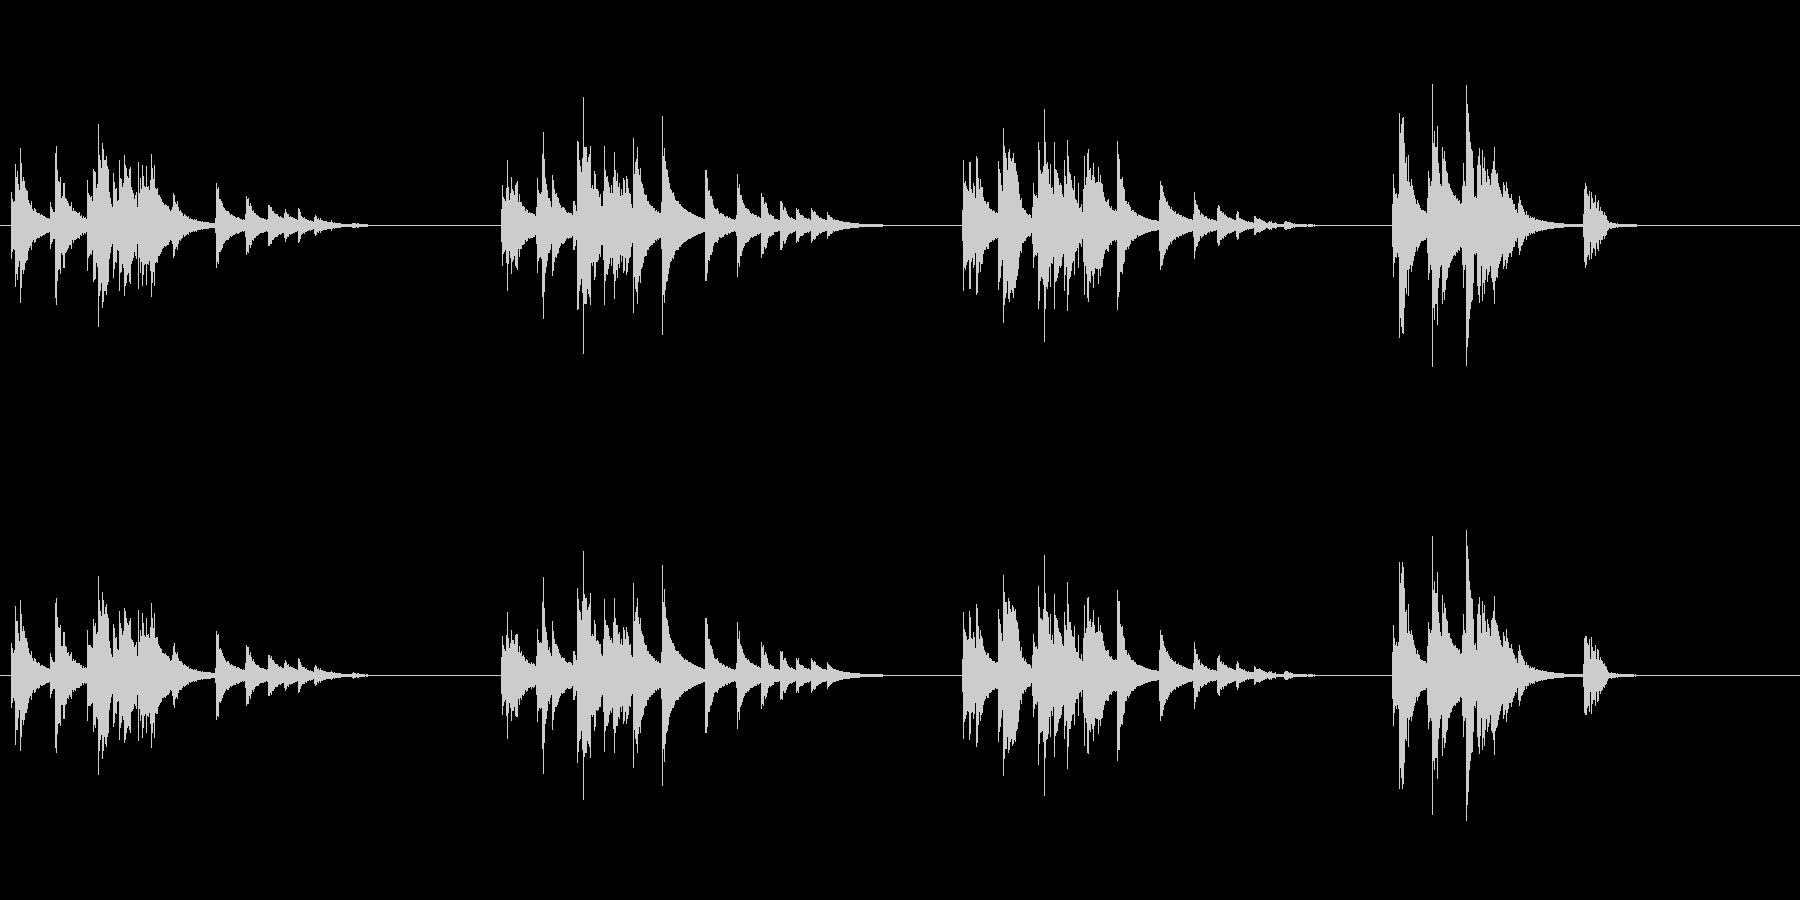 大太鼓10雨音歌舞伎情景描写和風和太鼓助の未再生の波形